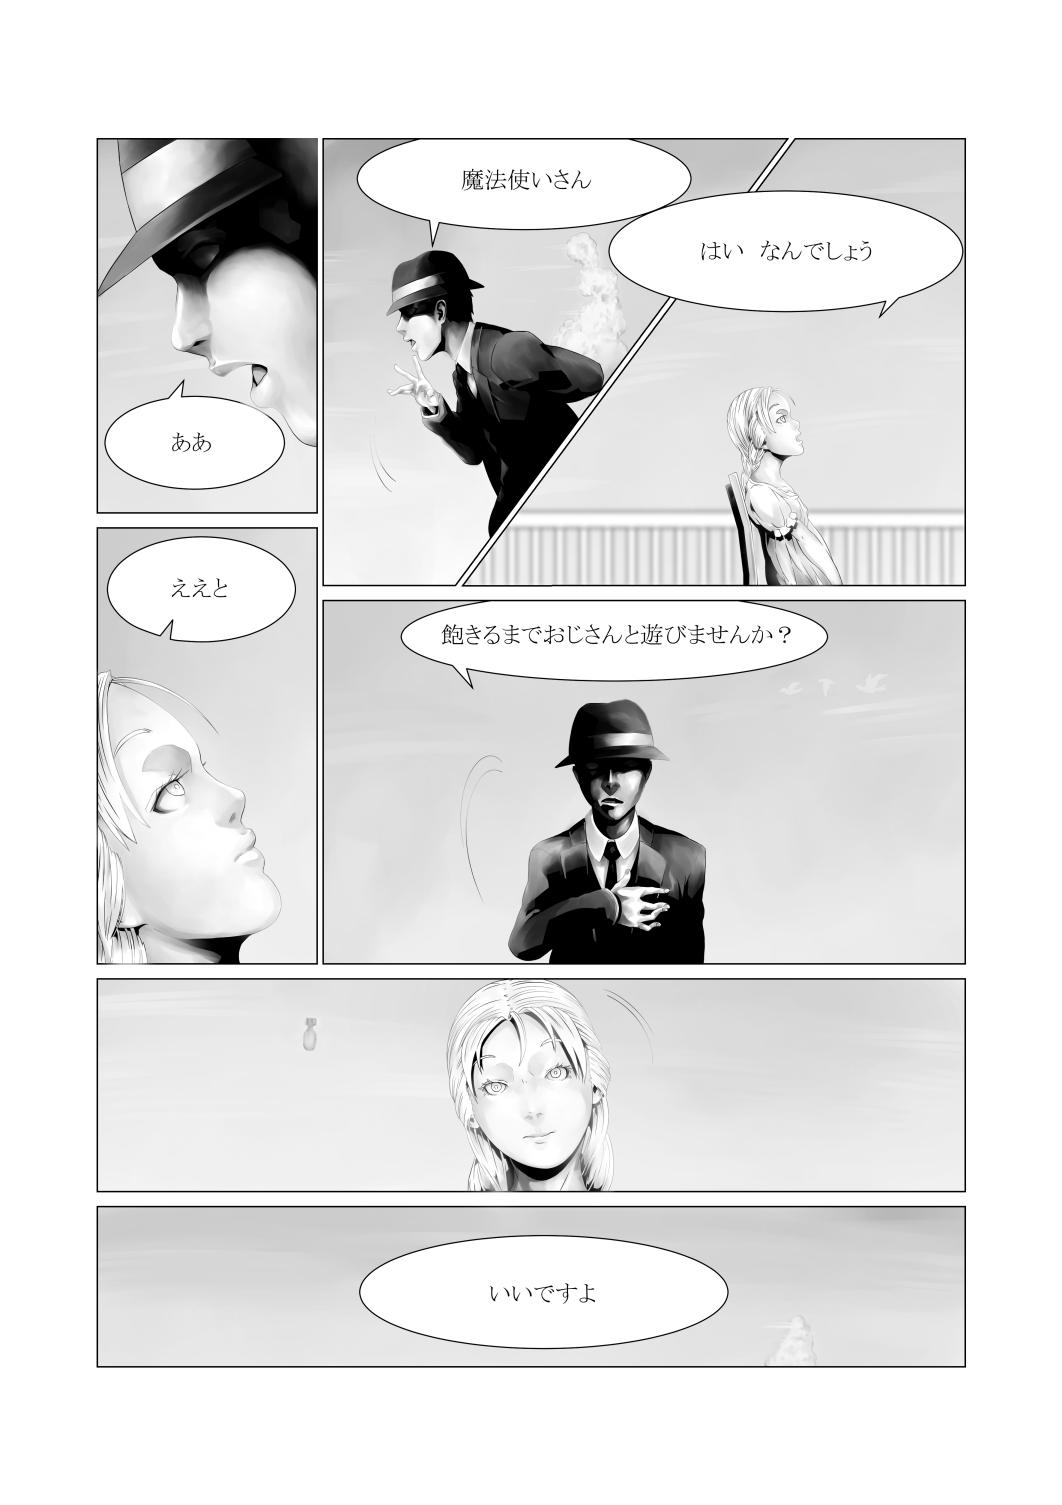 ちいさな魔女の夢7完成.png